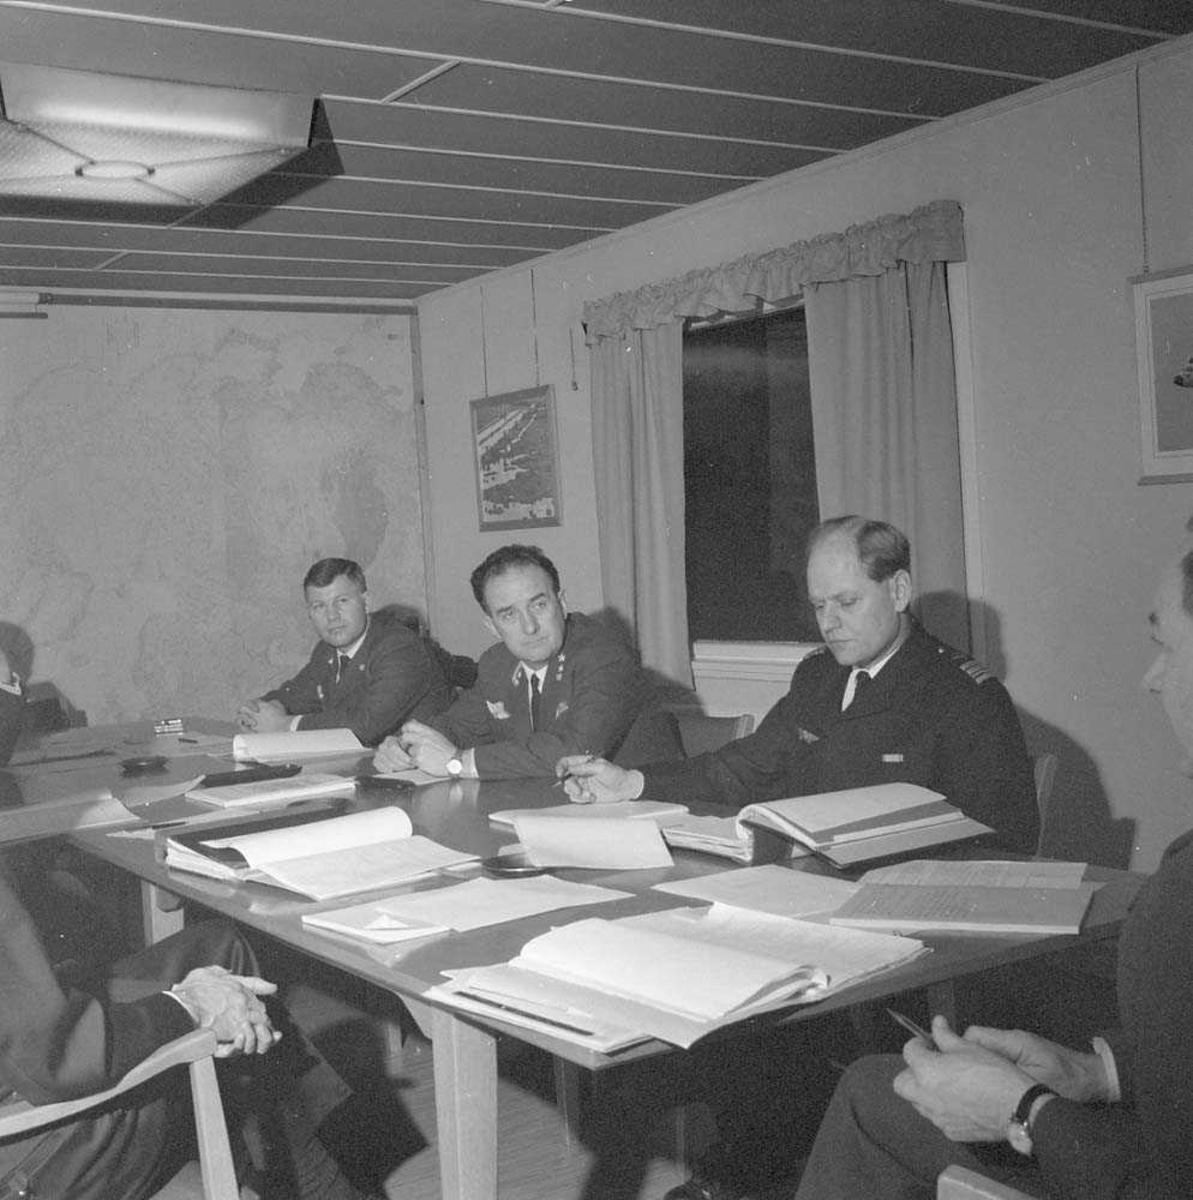 Svenske offiserer besøker Bodø flystasjon. Her i møte med norske offiserer. Oberstløytnant Magne T. Sørensen sees helt bak i bildet.